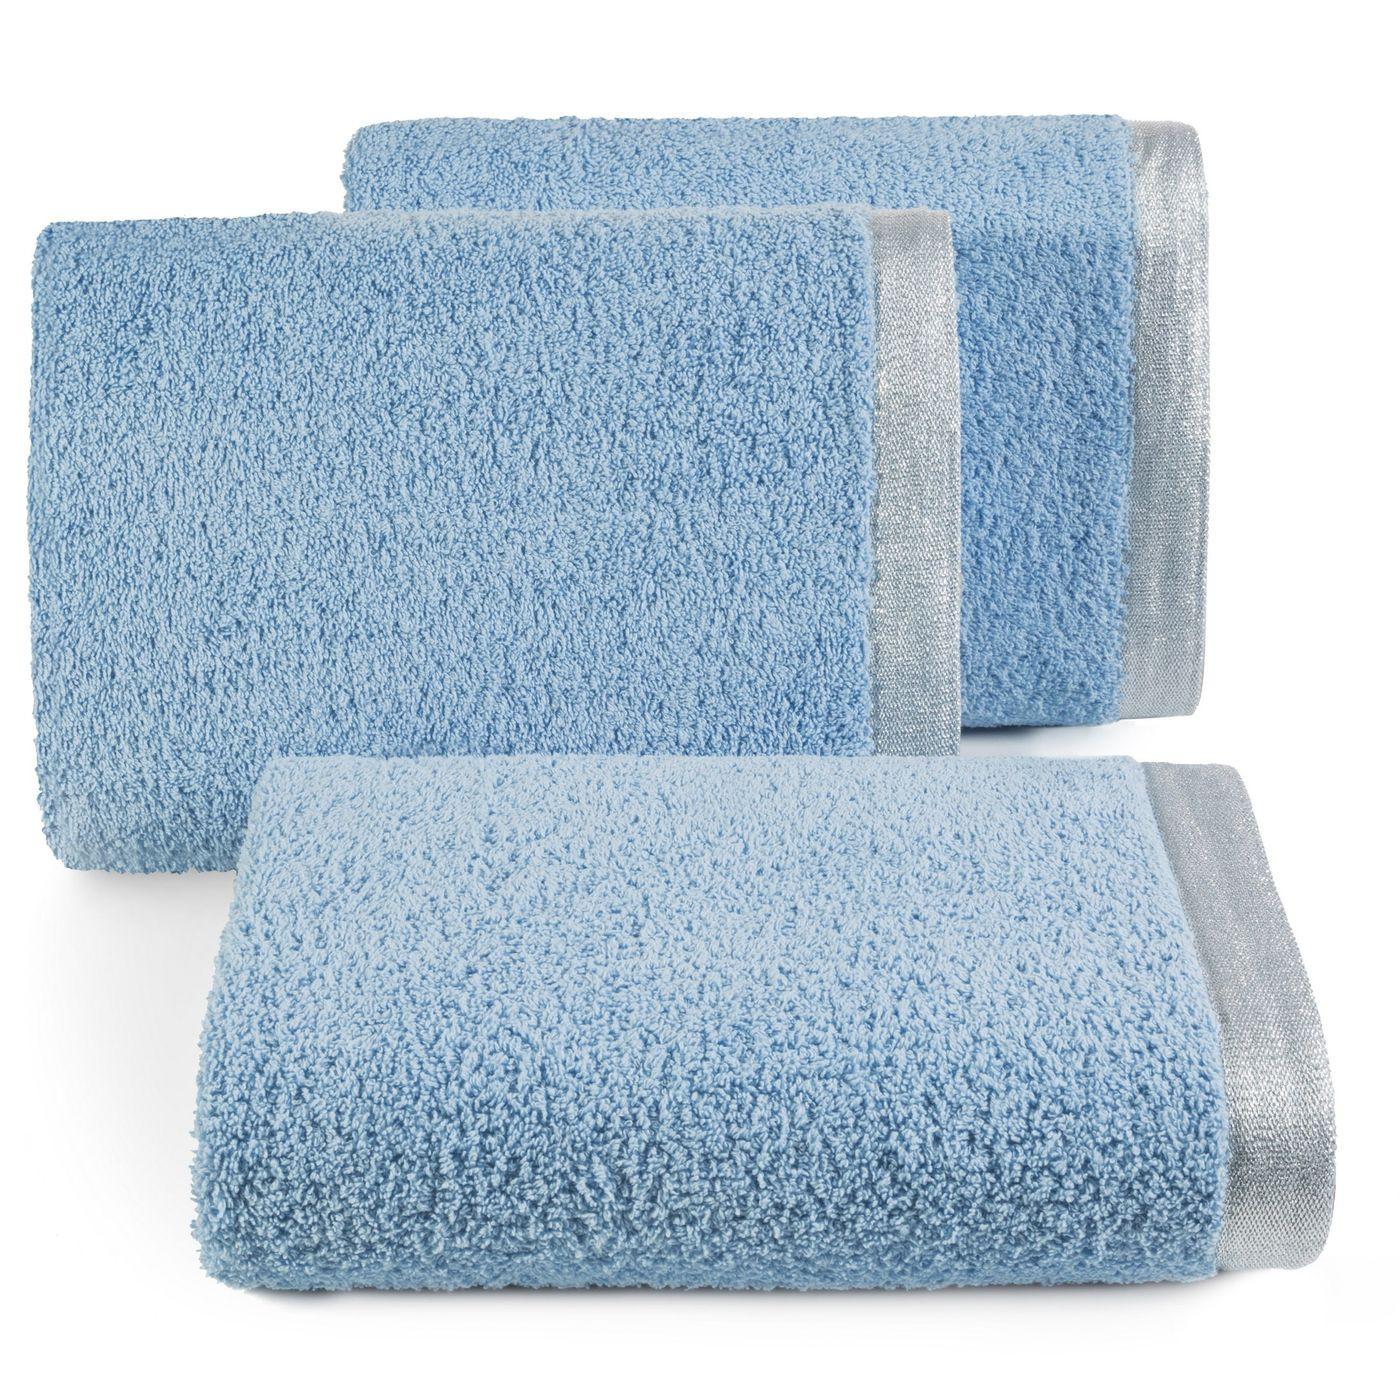 Ręcznik z bawełny z błyszczącym brzegiem 70x140cm niebieski